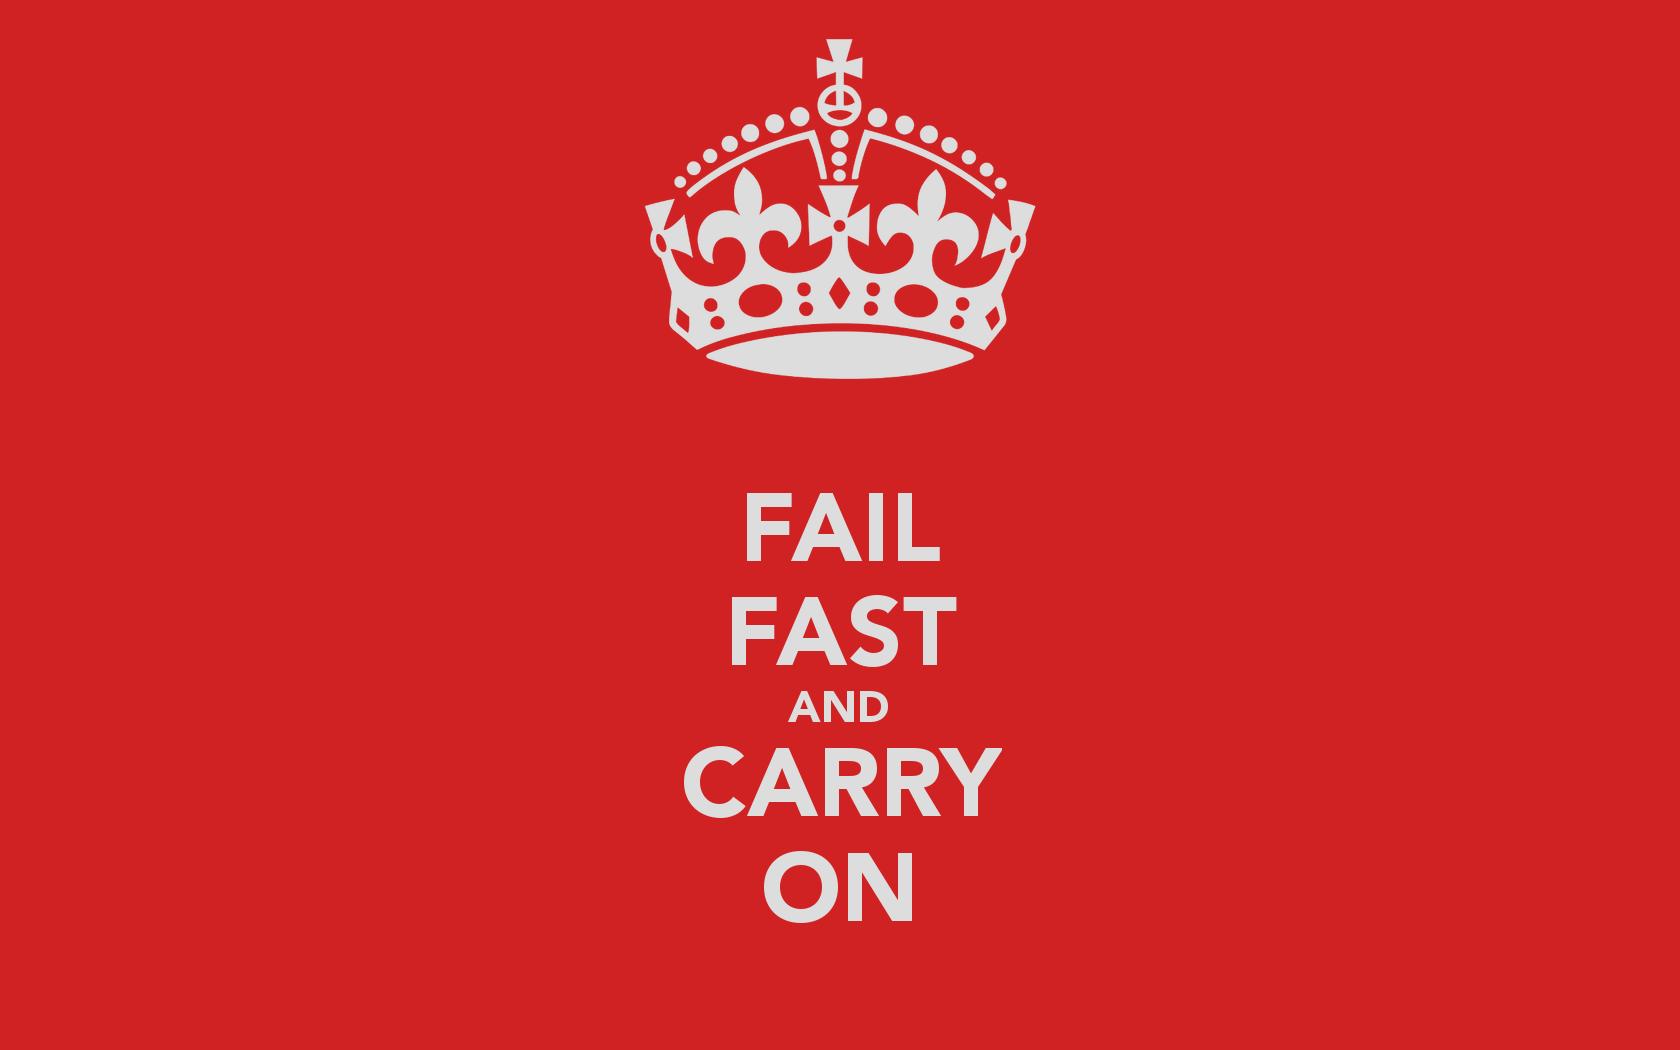 failfast